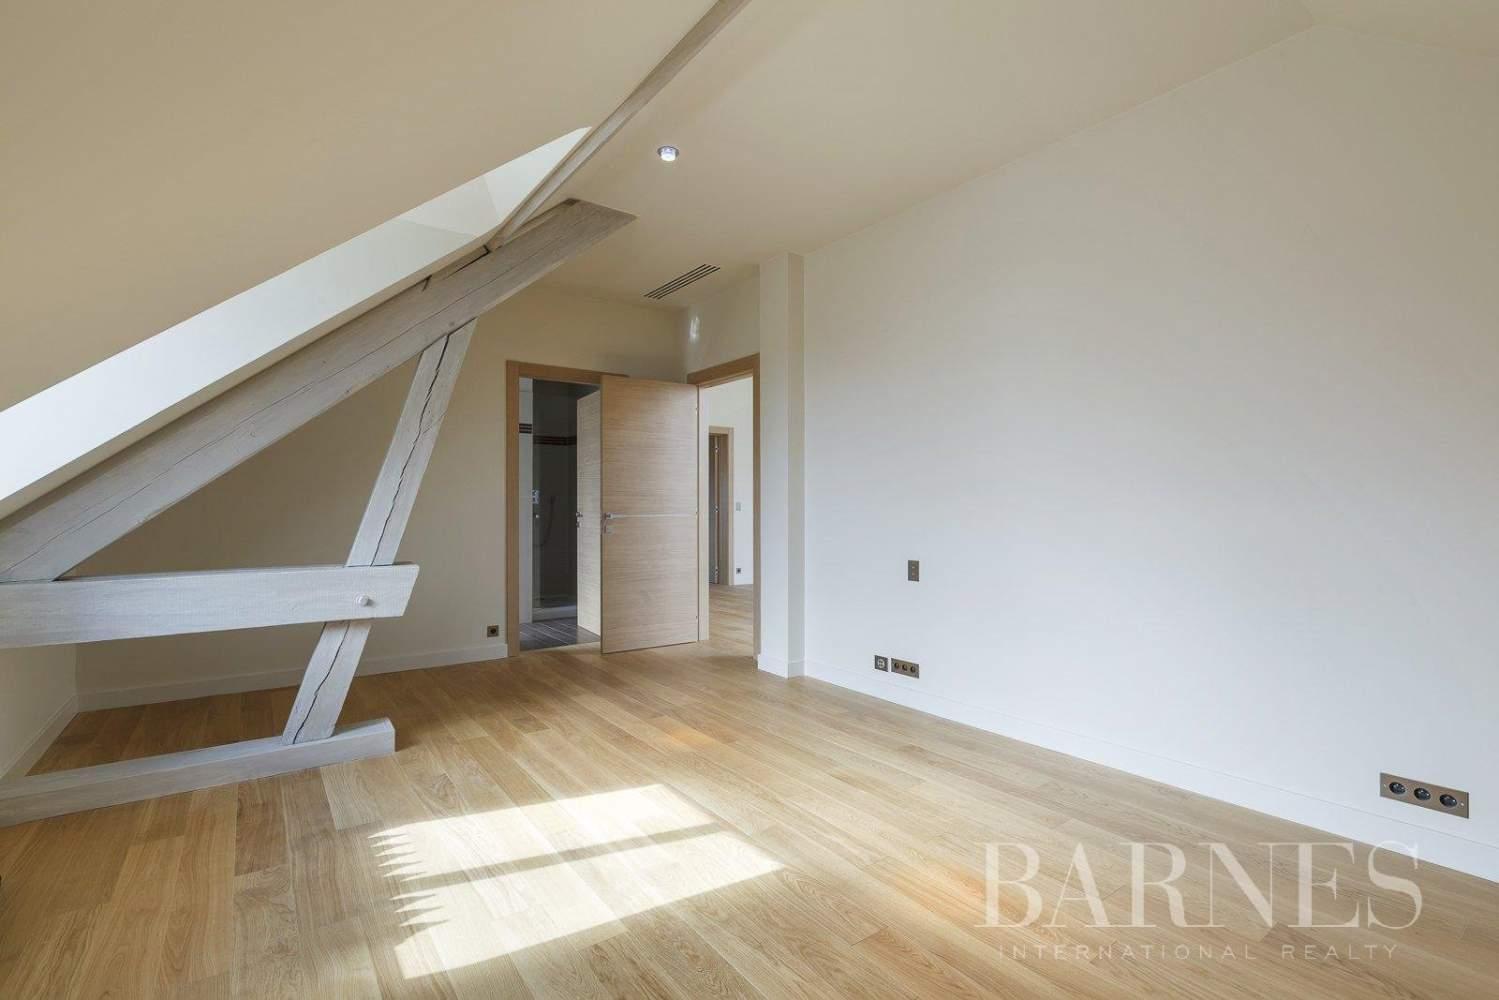 Saint-Germain-en-Laye  - Appartement 8 Pièces 6 Chambres - picture 9